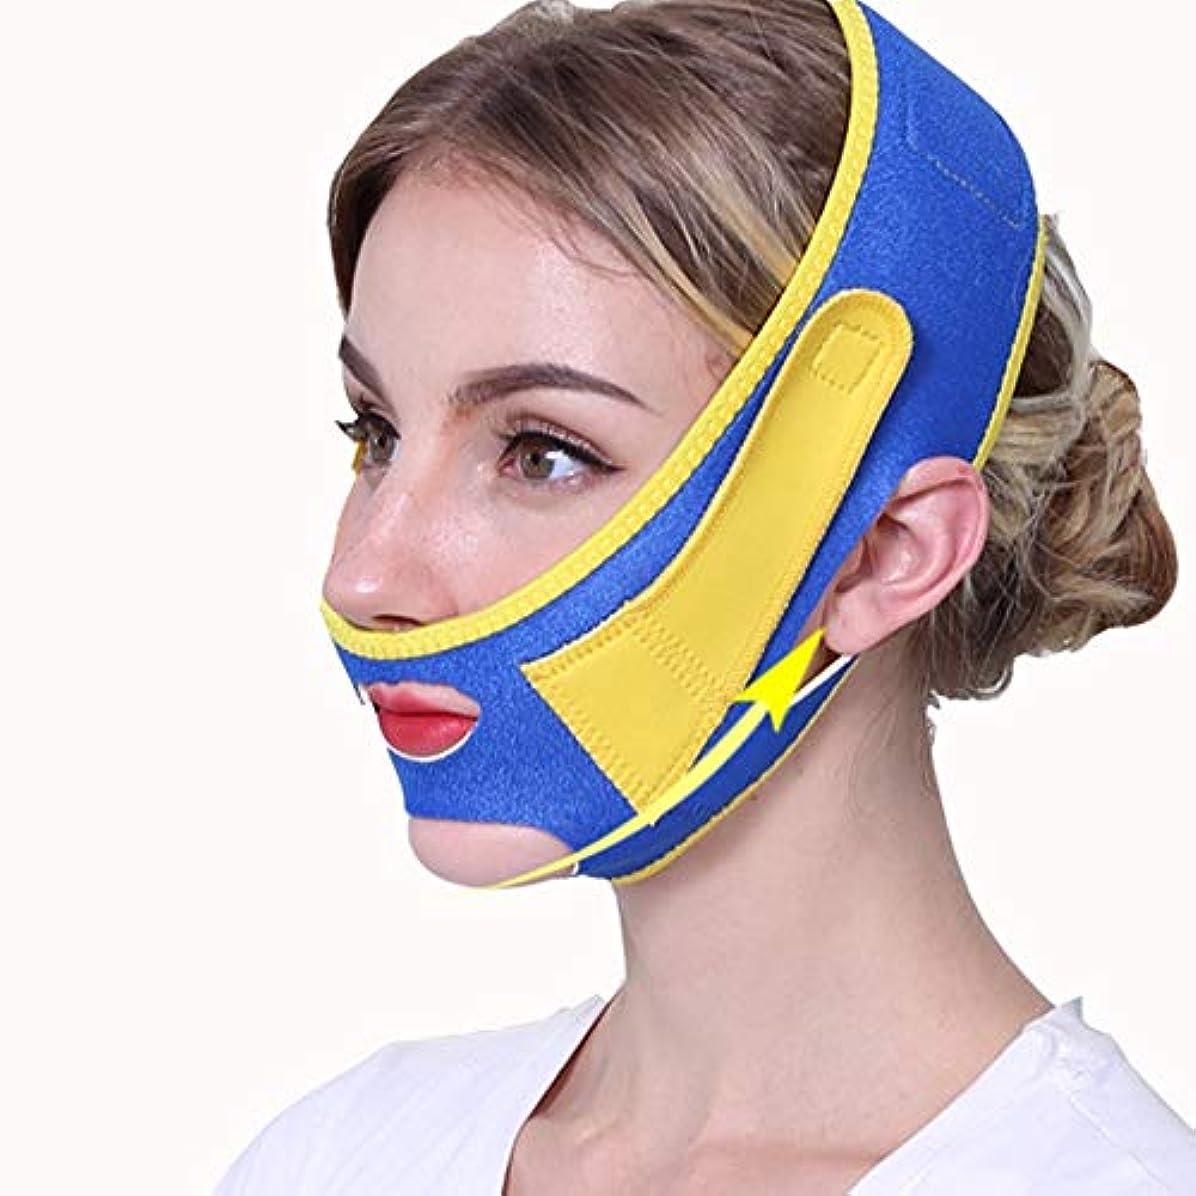 勢いディスク細断Minmin フェイシャルリフティング痩身ベルトフェイス包帯マスク整形マスクフェイスベルトを引き締める薄型フェイス包帯整形マスクフェイスと首の顔を引き締めスリム みんみんVラインフェイスマスク